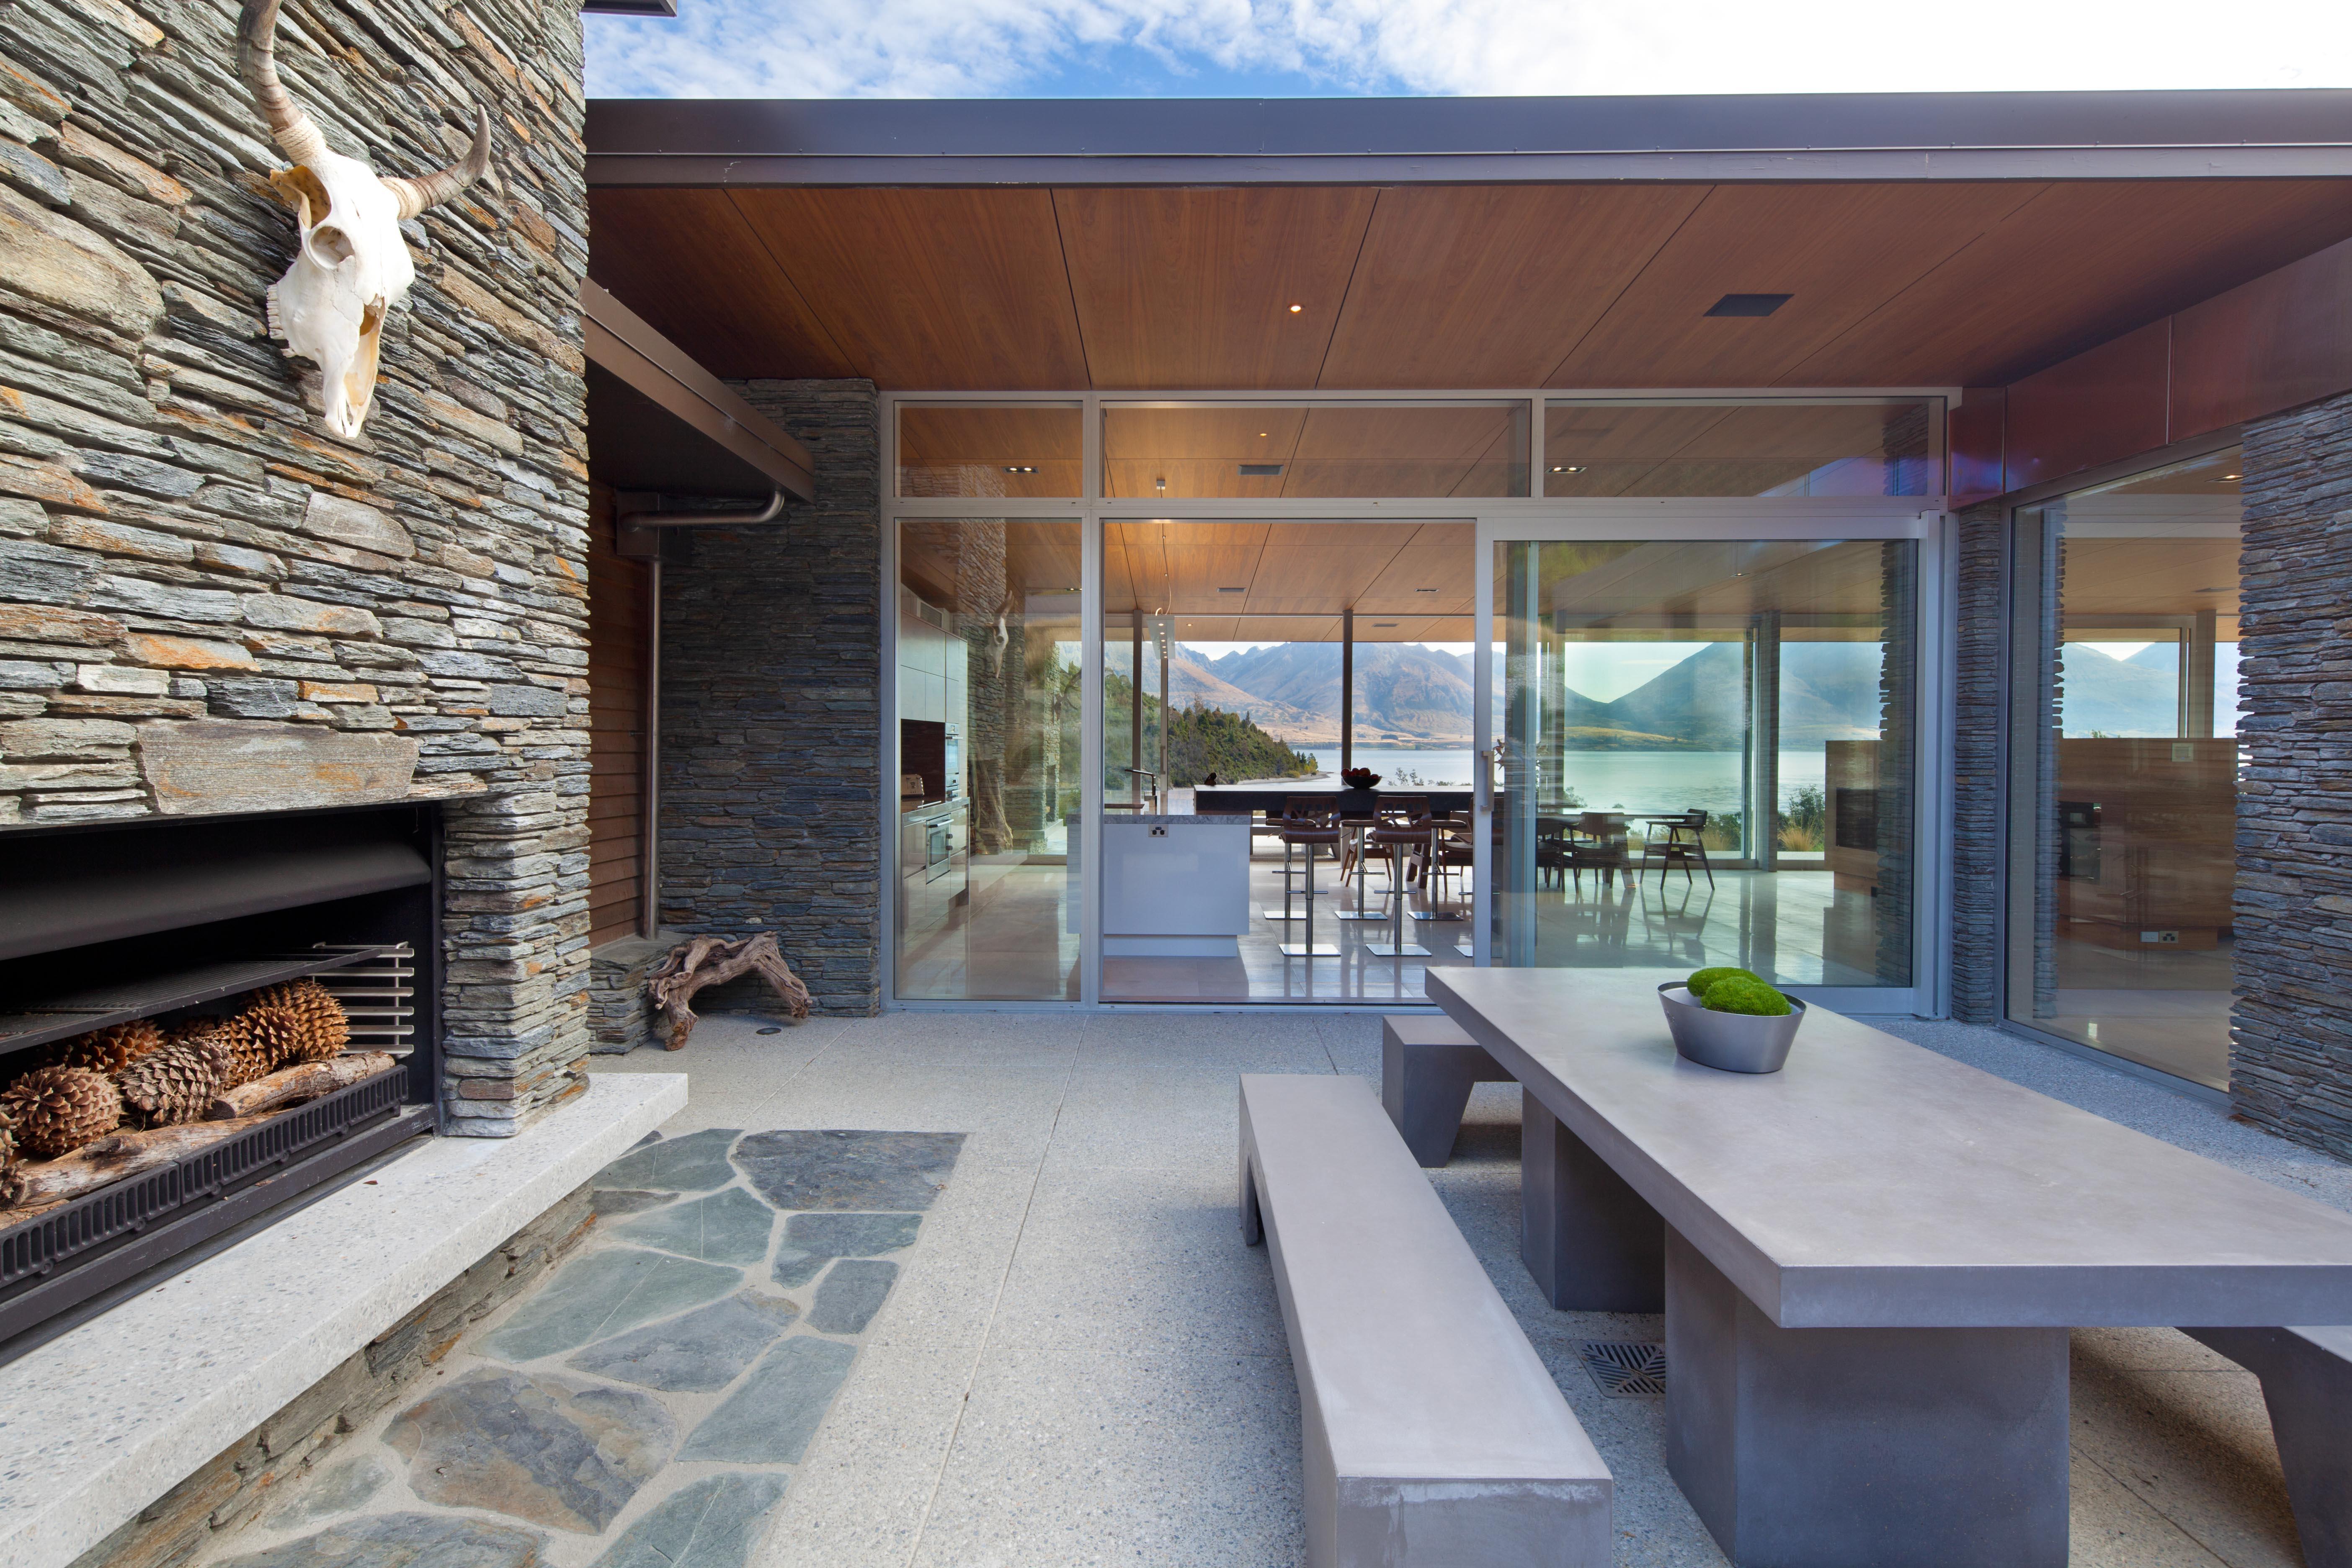 M Home Design Group Part - 46: Fat Hippo Design Group Ltd   (C) 2014